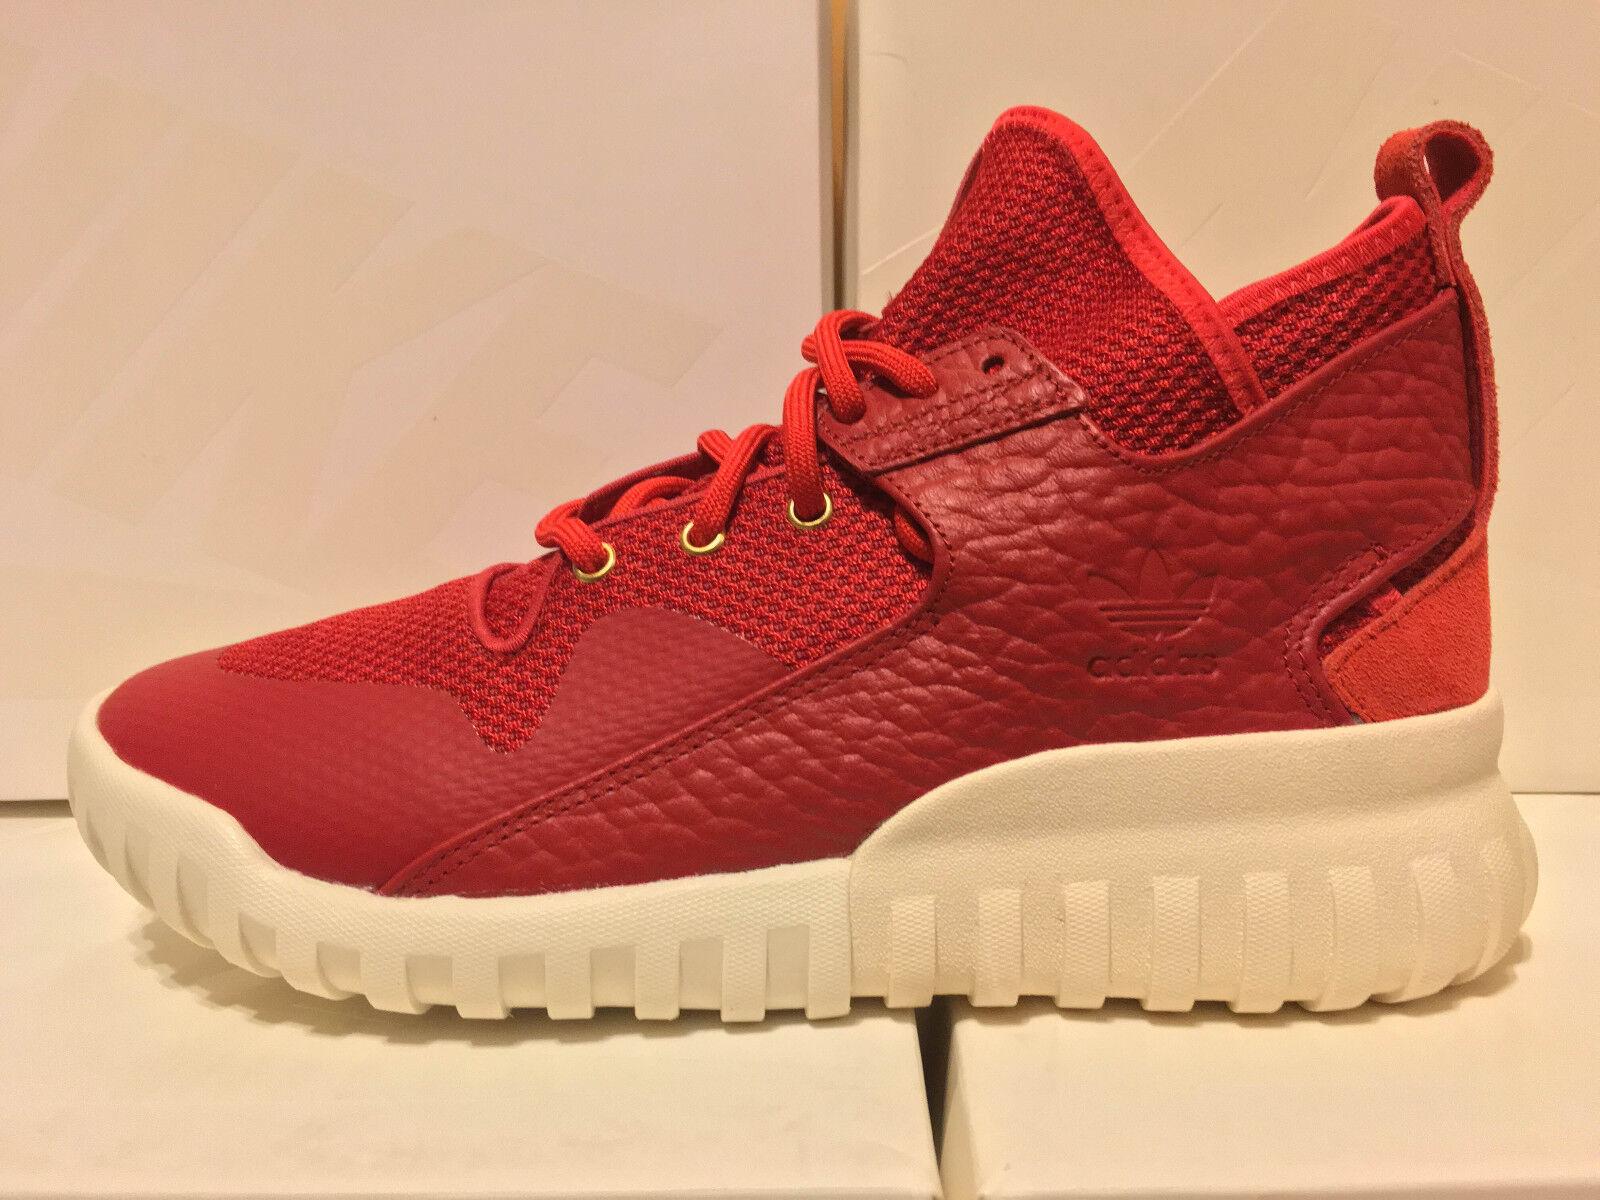 Adidas X Tubular X Adidas CNY Chinese nuevo Year Rojo AQ2548 8 13 ultra d10ed0